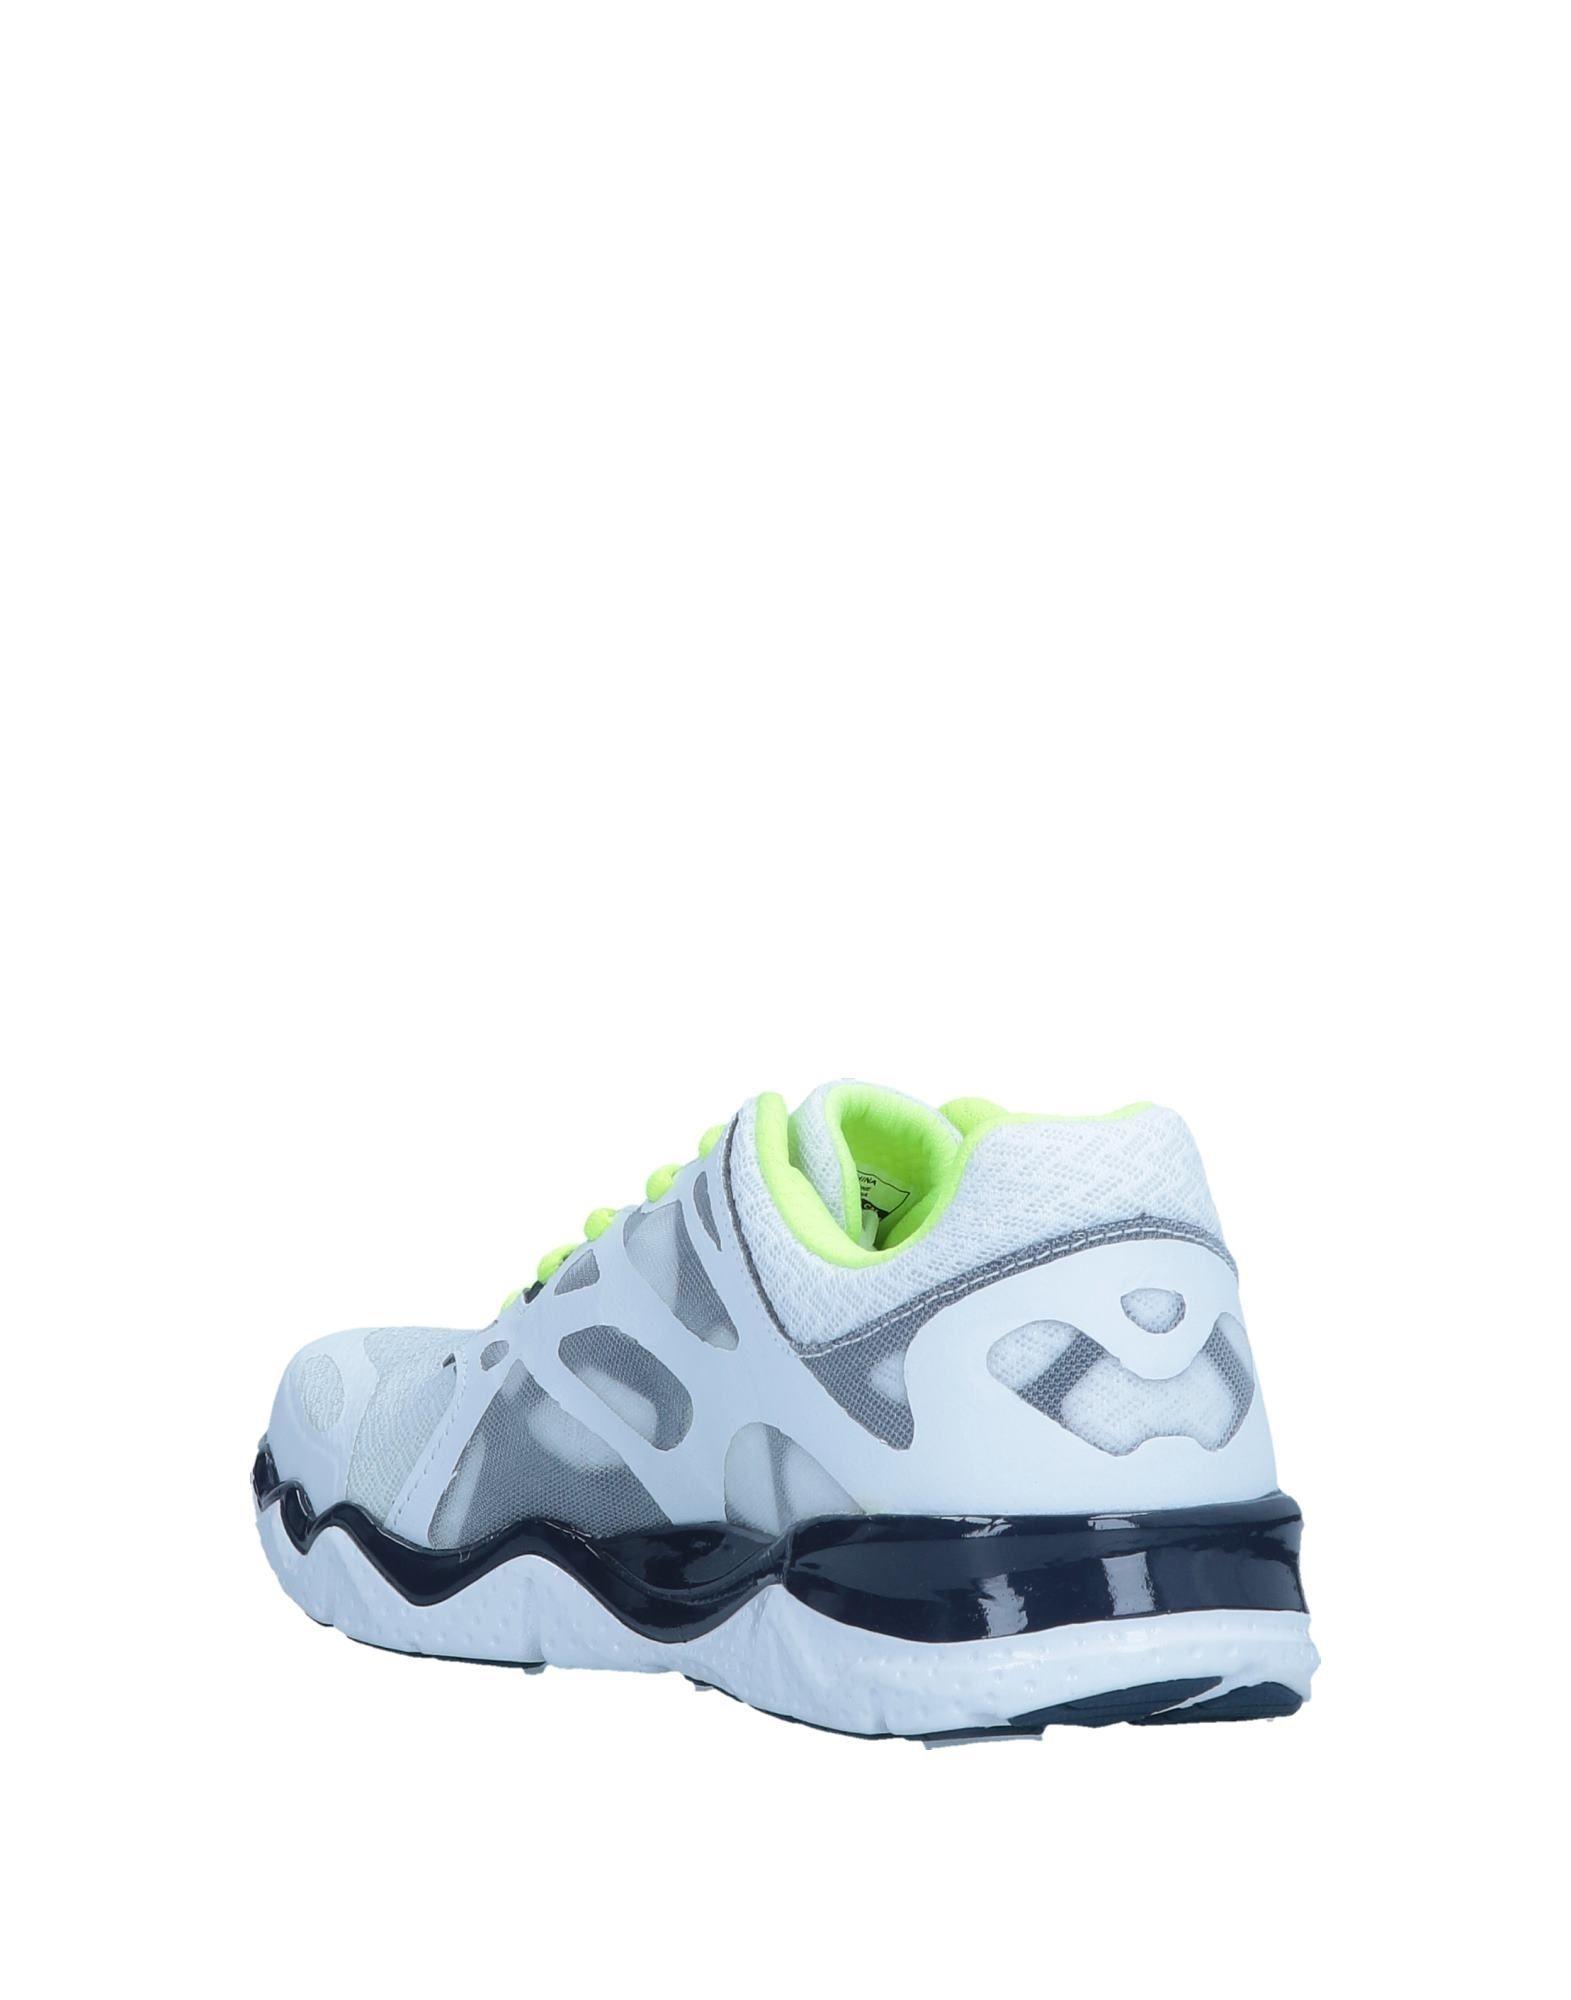 Under lohnt Armour Sneakers Herren Gutes Preis-Leistungs-Verhältnis, es lohnt Under sich 5f6895